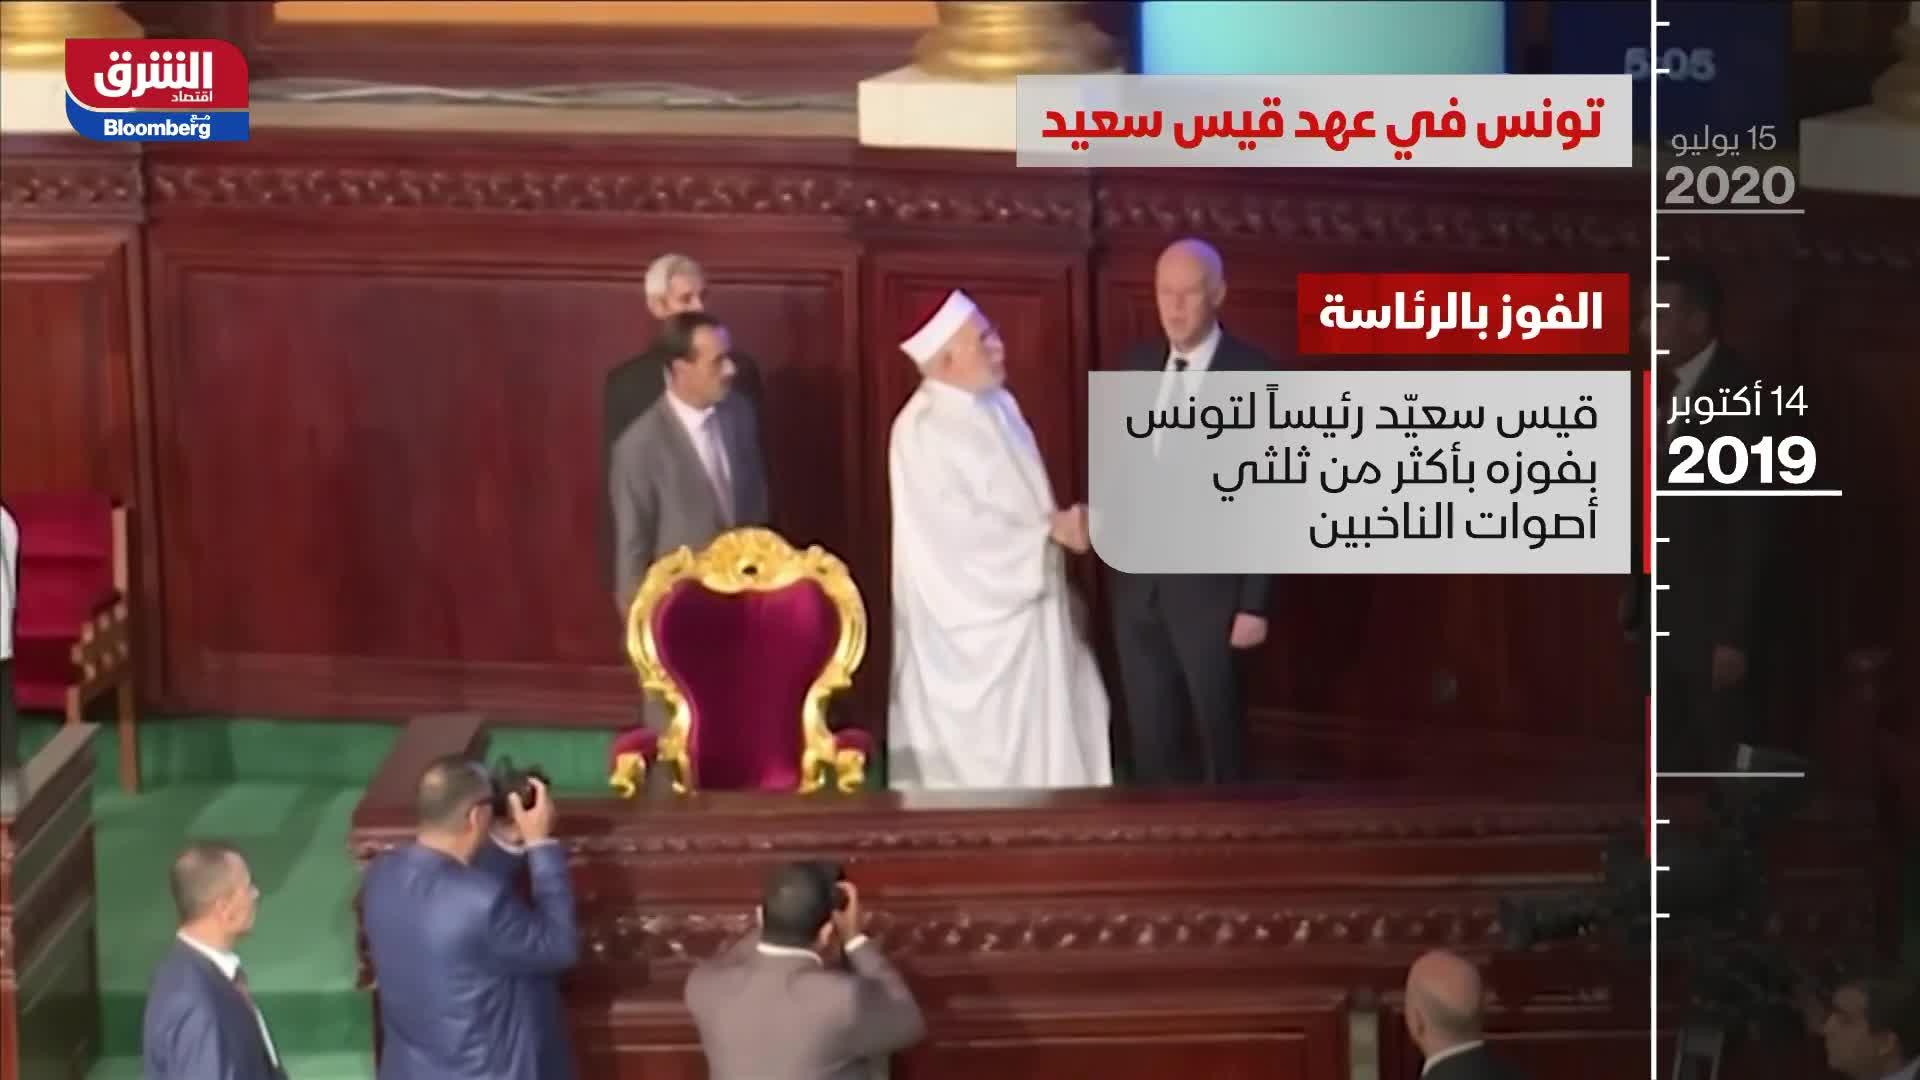 تونس في عهد قيس سعيد